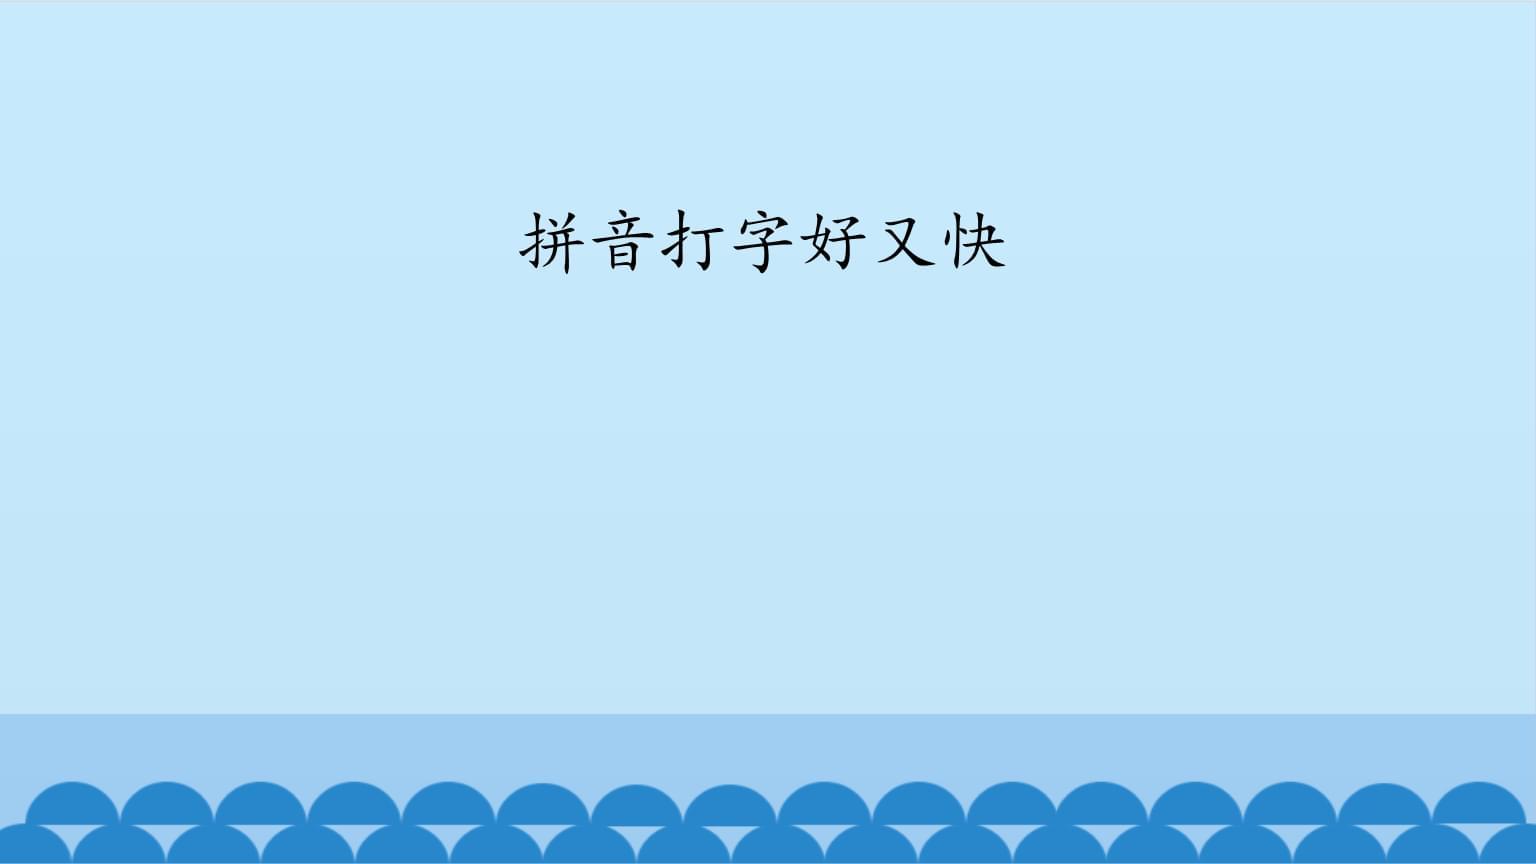 三年级全一册信息技术课件-第四课 拼音打字好又快 华中科大版(共17张PPT).pptx